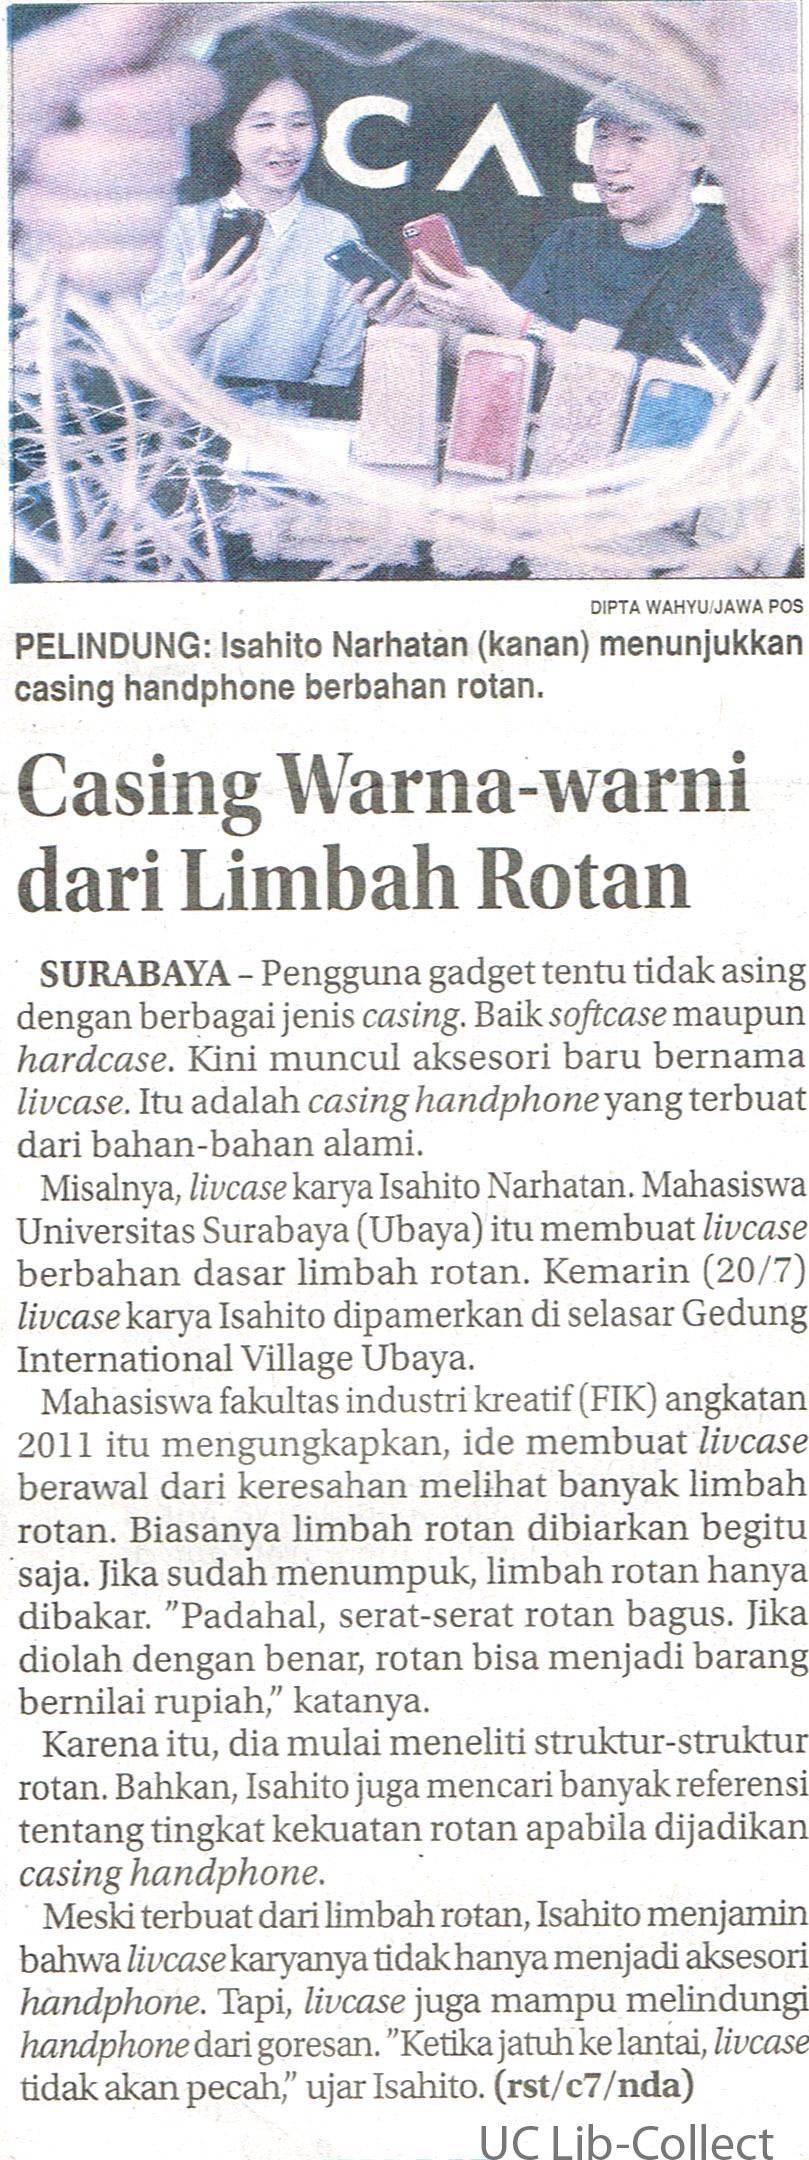 Casing Warna-Warni Dari Limbah Rotan. Jawa Pos. 21 Juli 2016. Hal 28